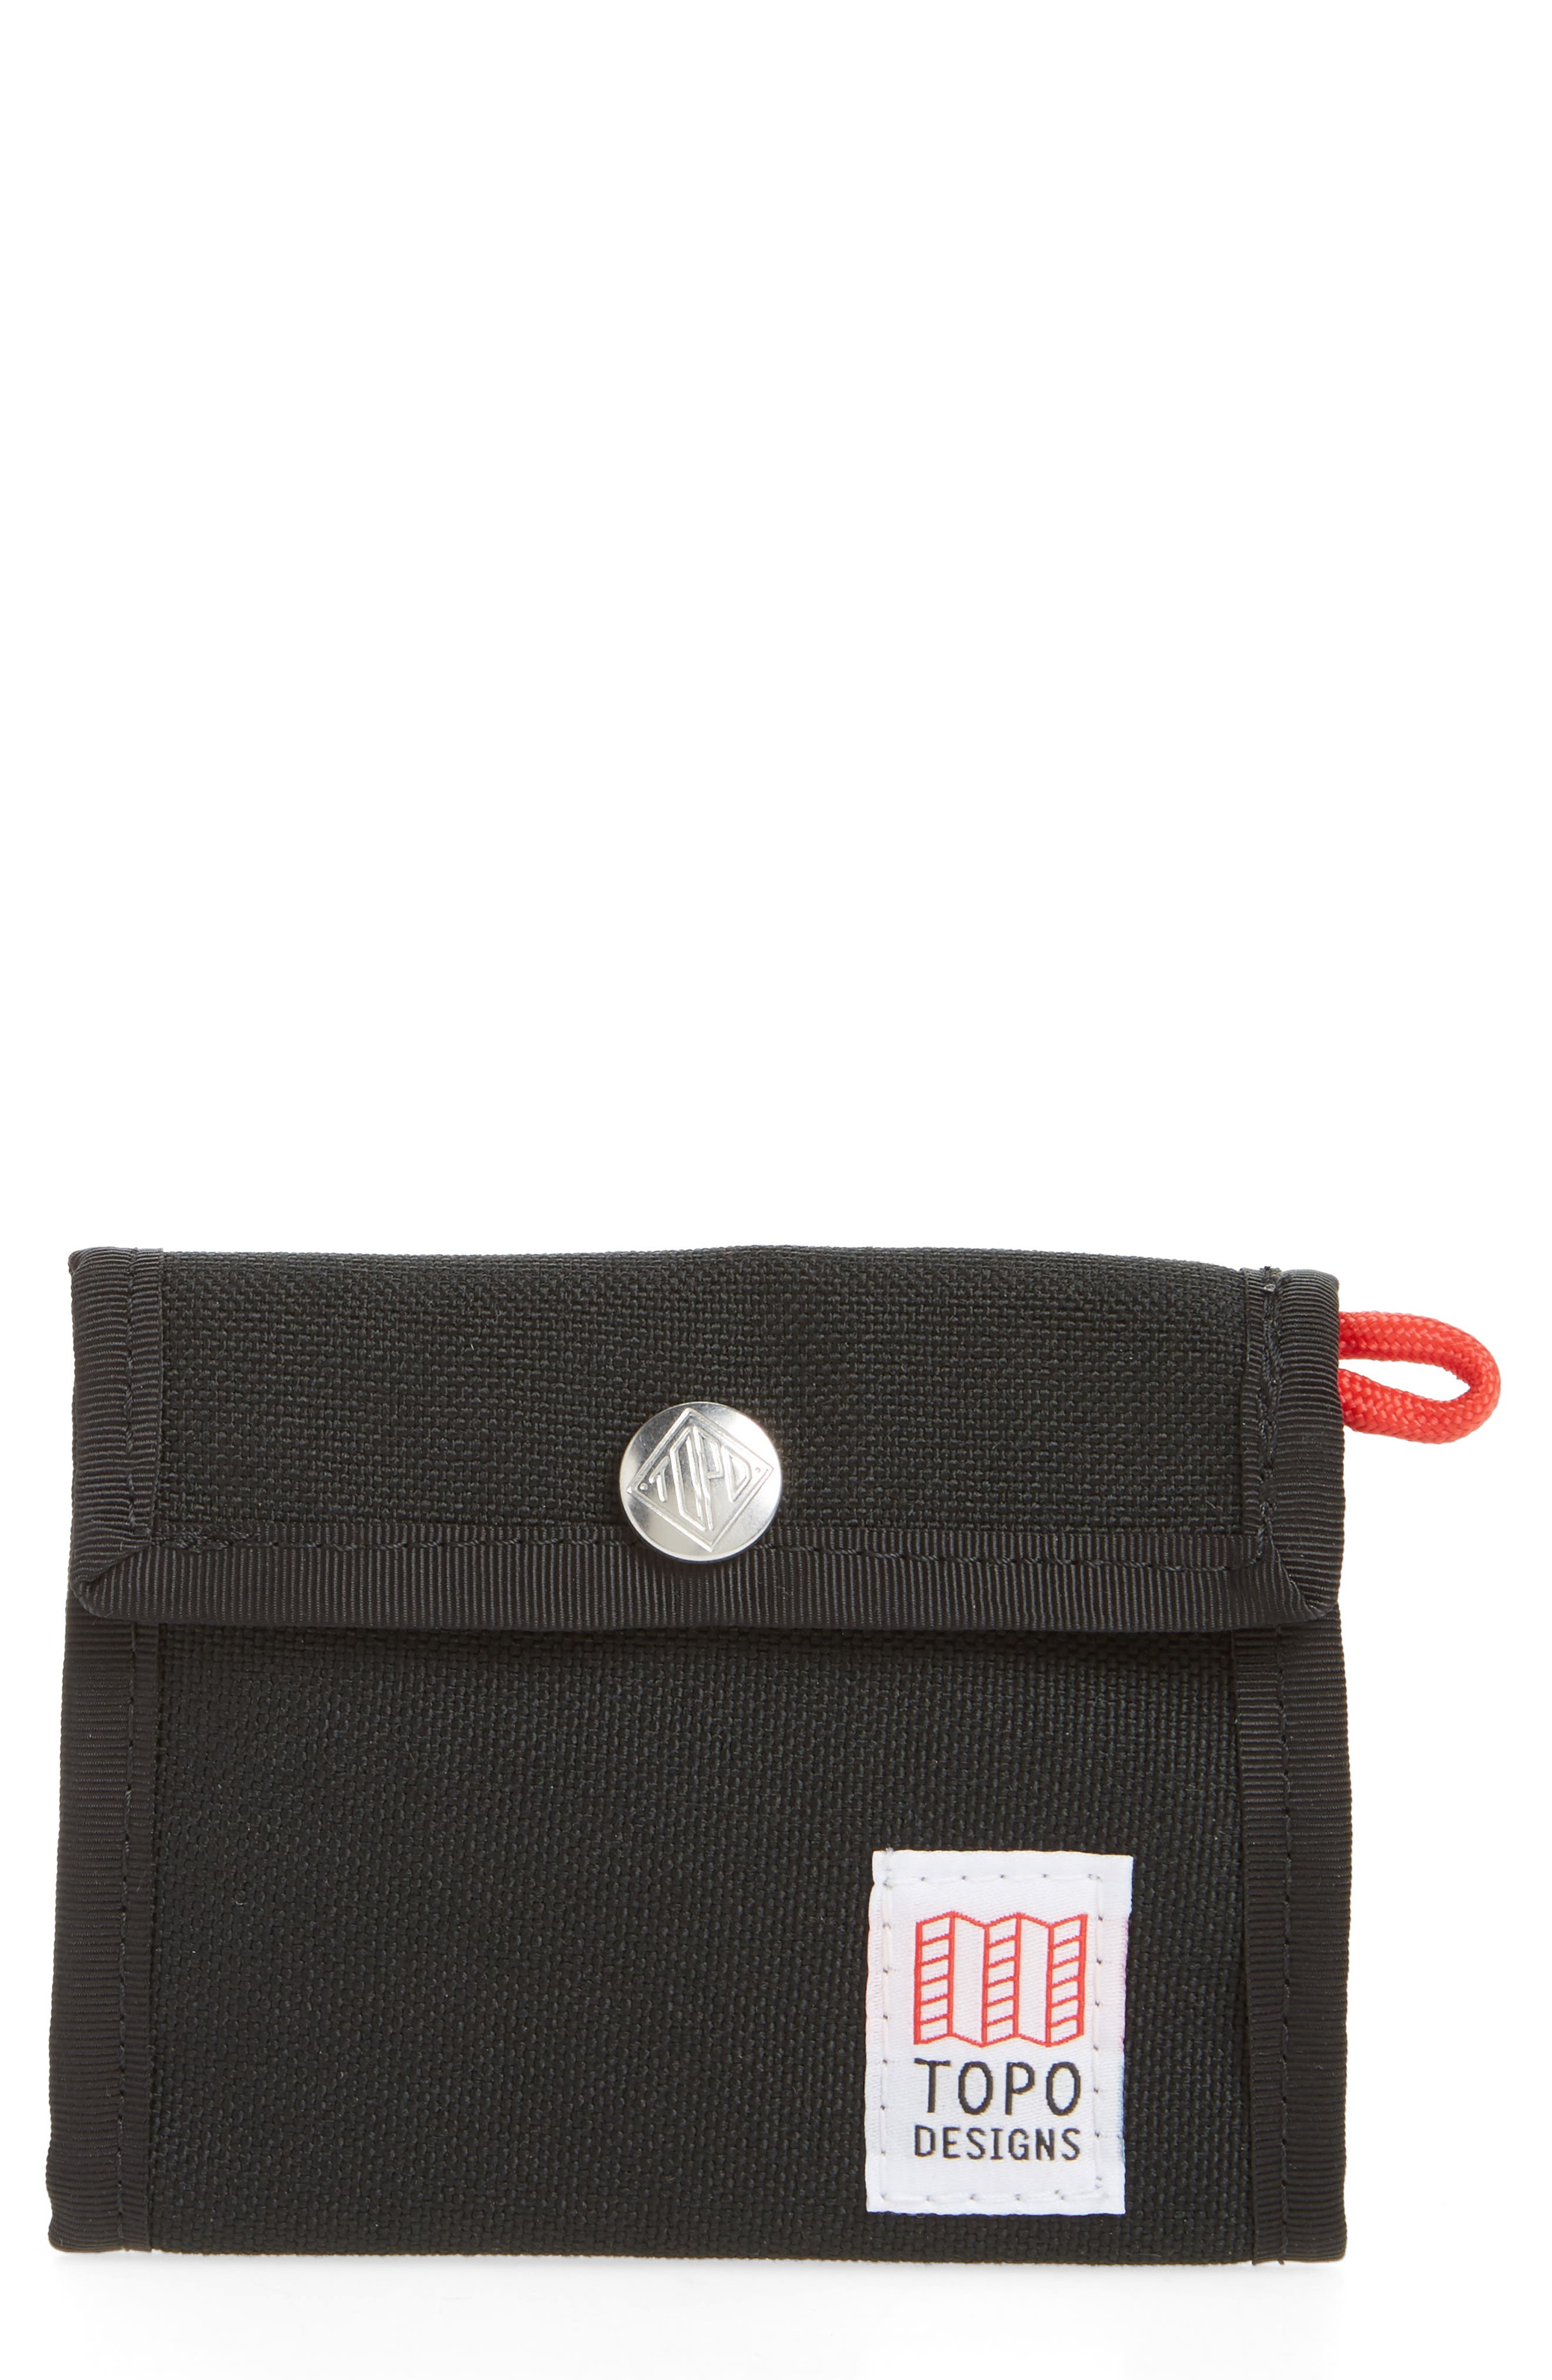 Snap Wallet,                             Main thumbnail 1, color,                             BLACK